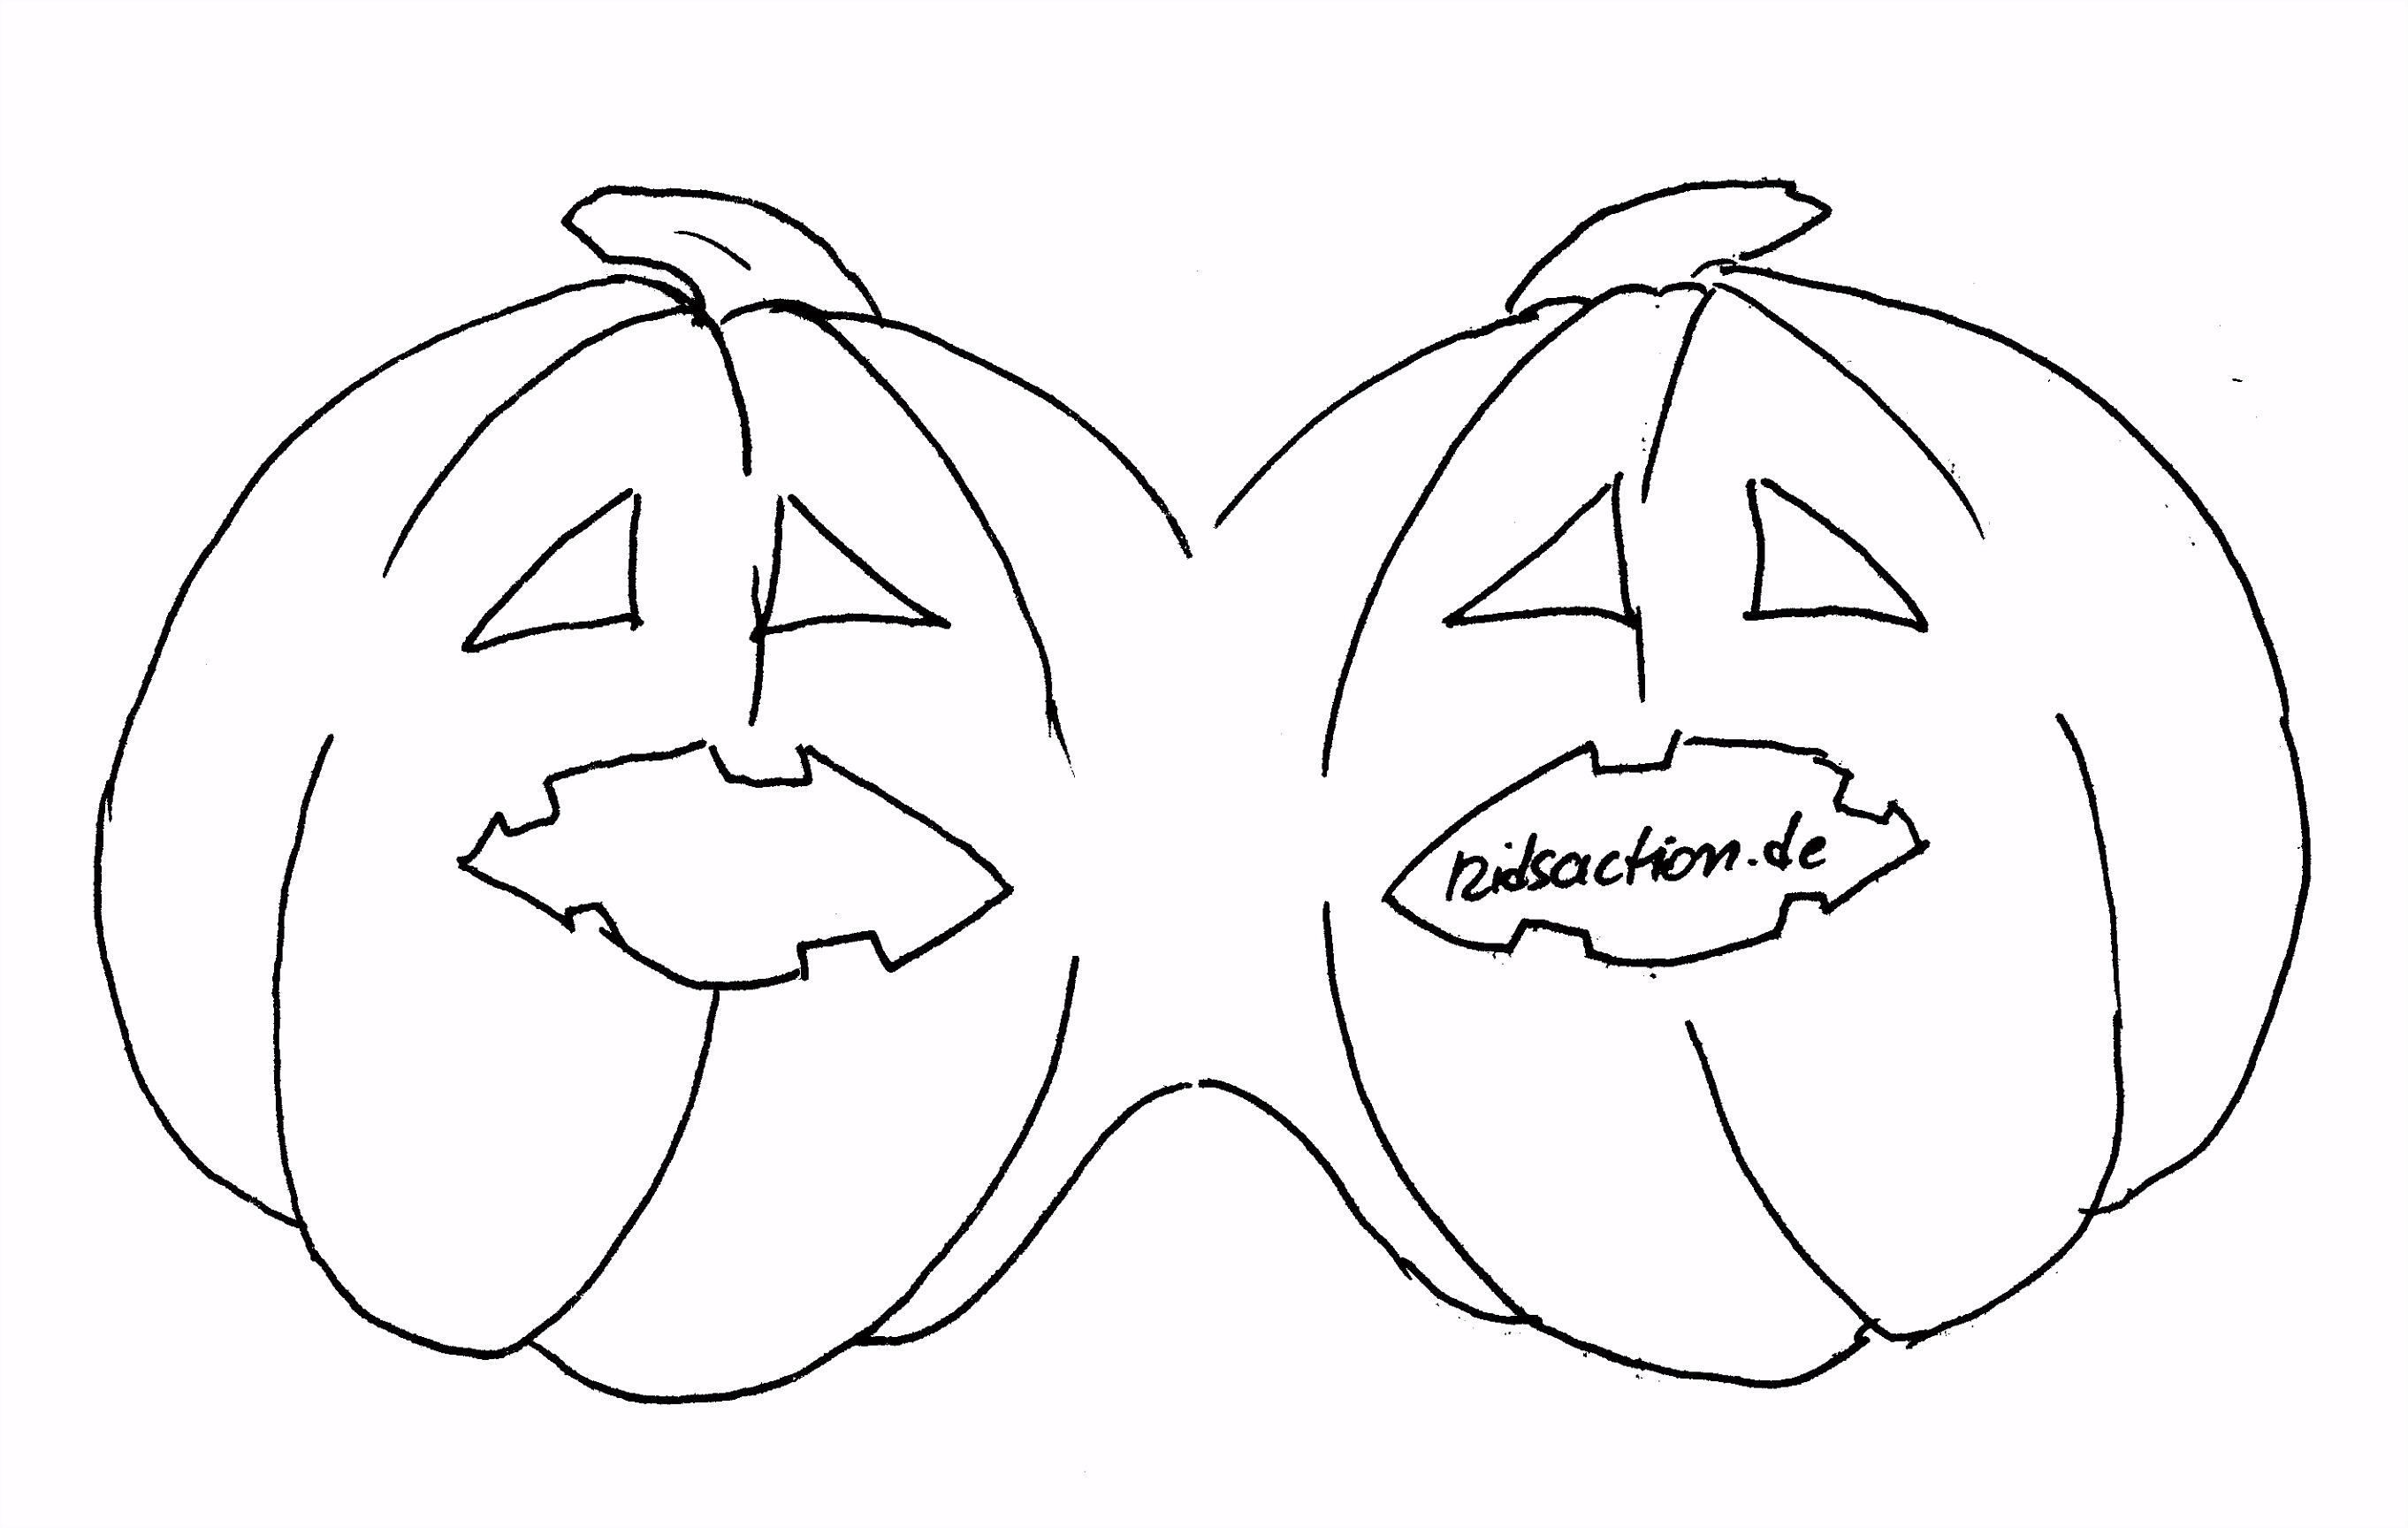 Spiderman Maske Malvorlagen watchonsale